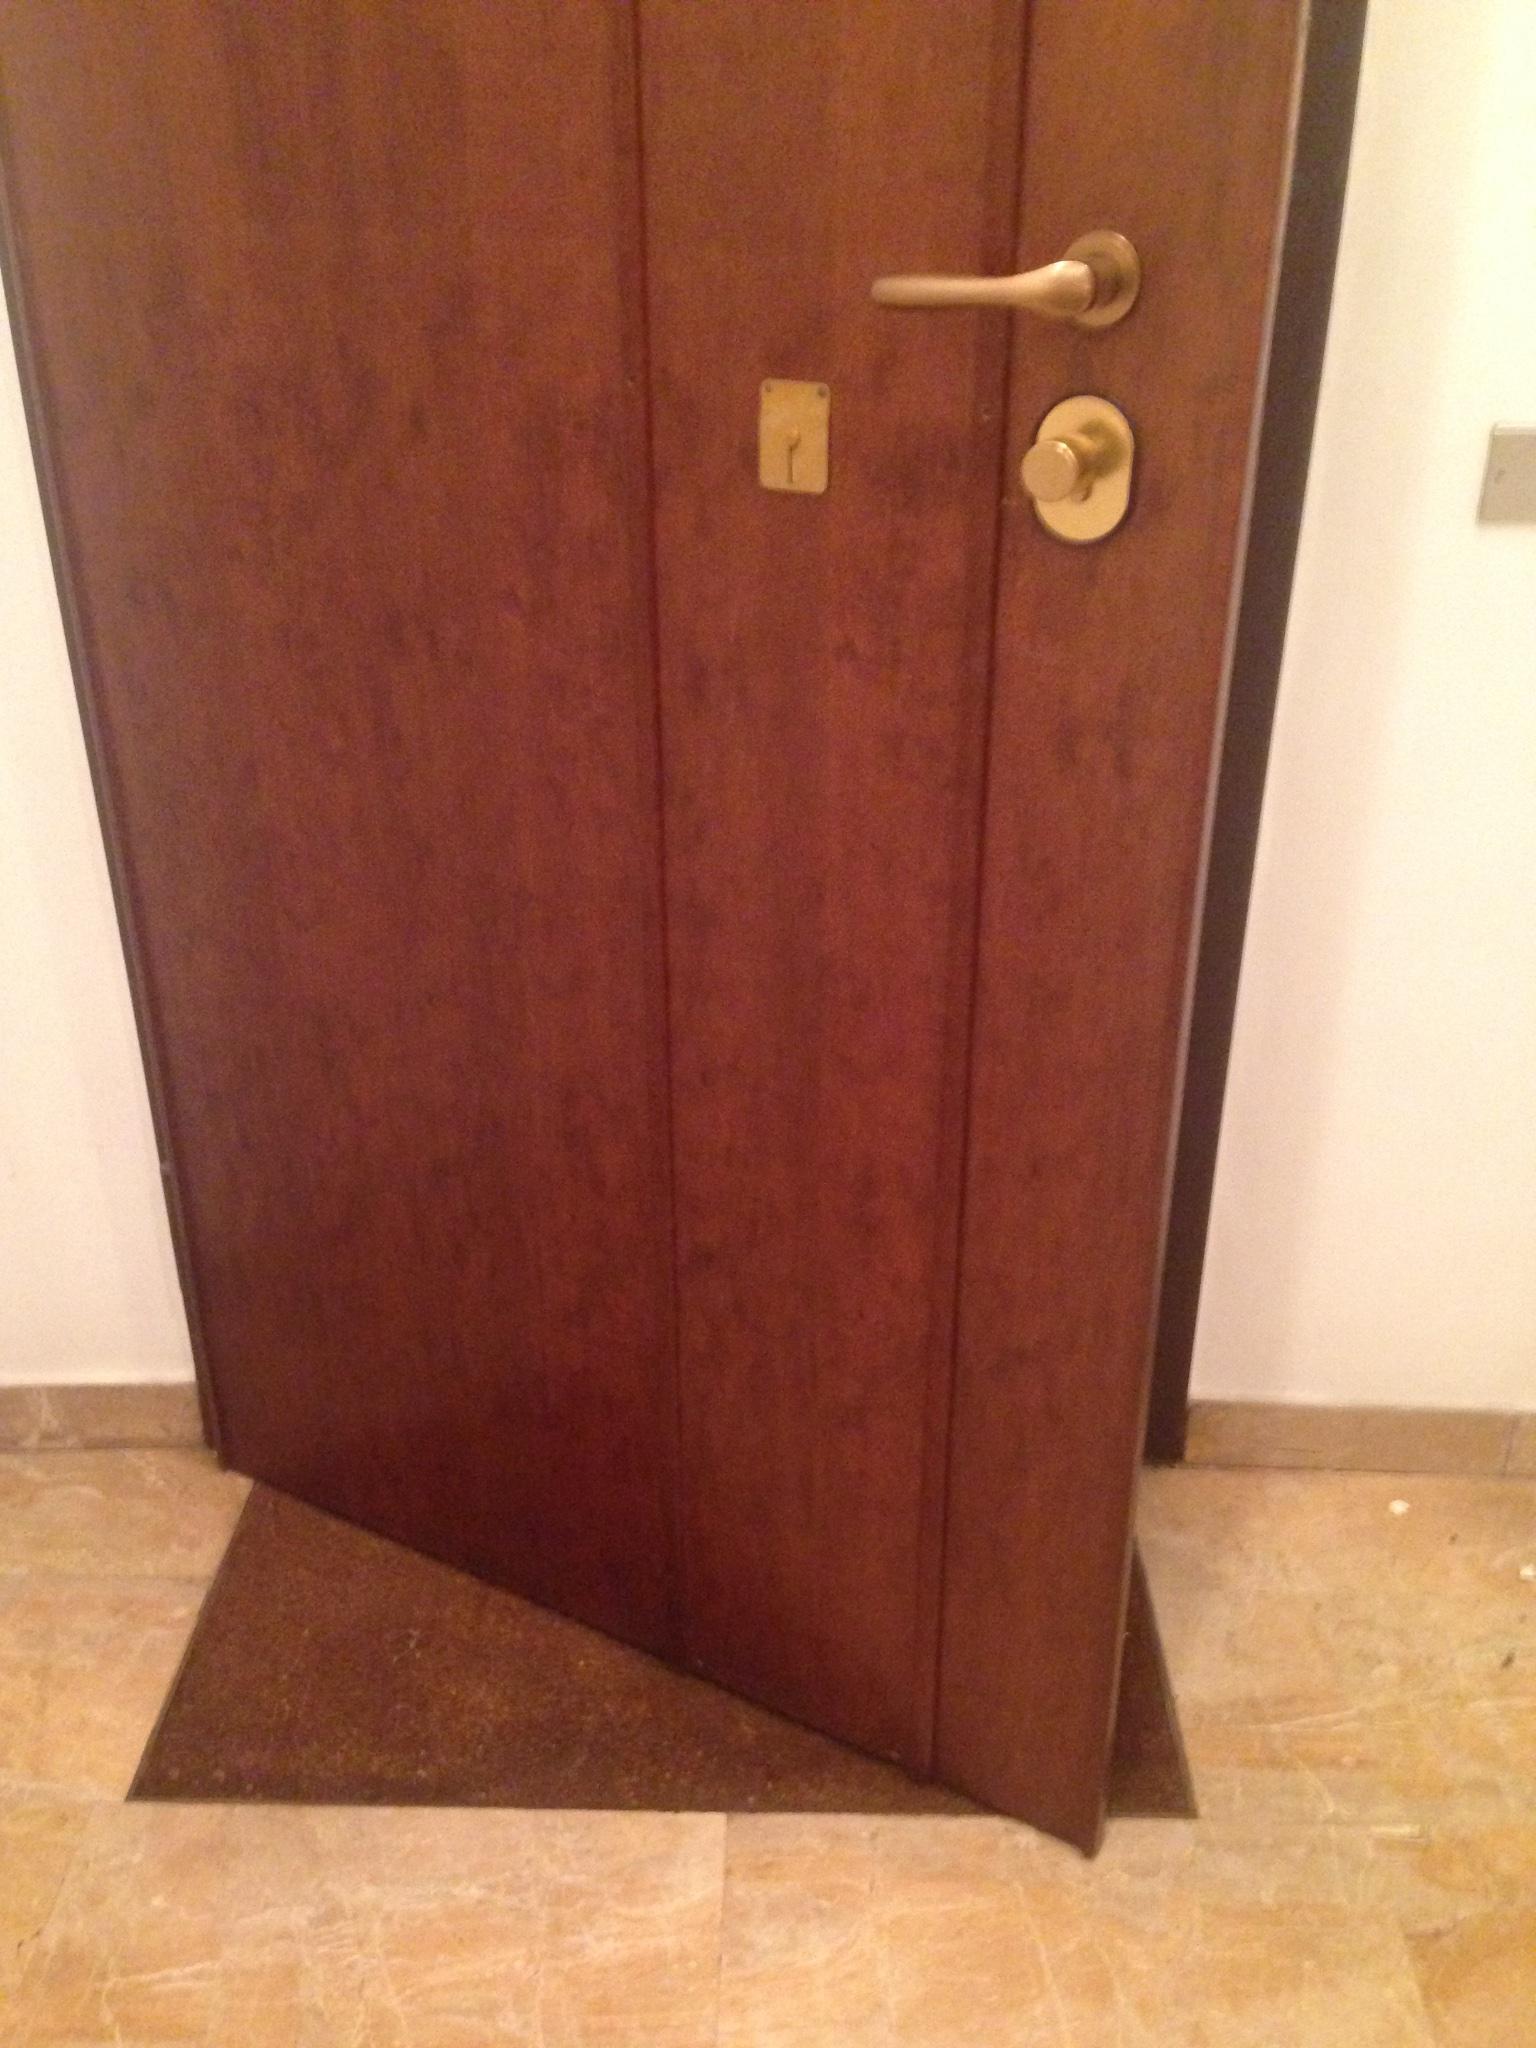 Sostituire Pannello Porta Blindata sostituzione pannello porta di ingresso blindata - instapro